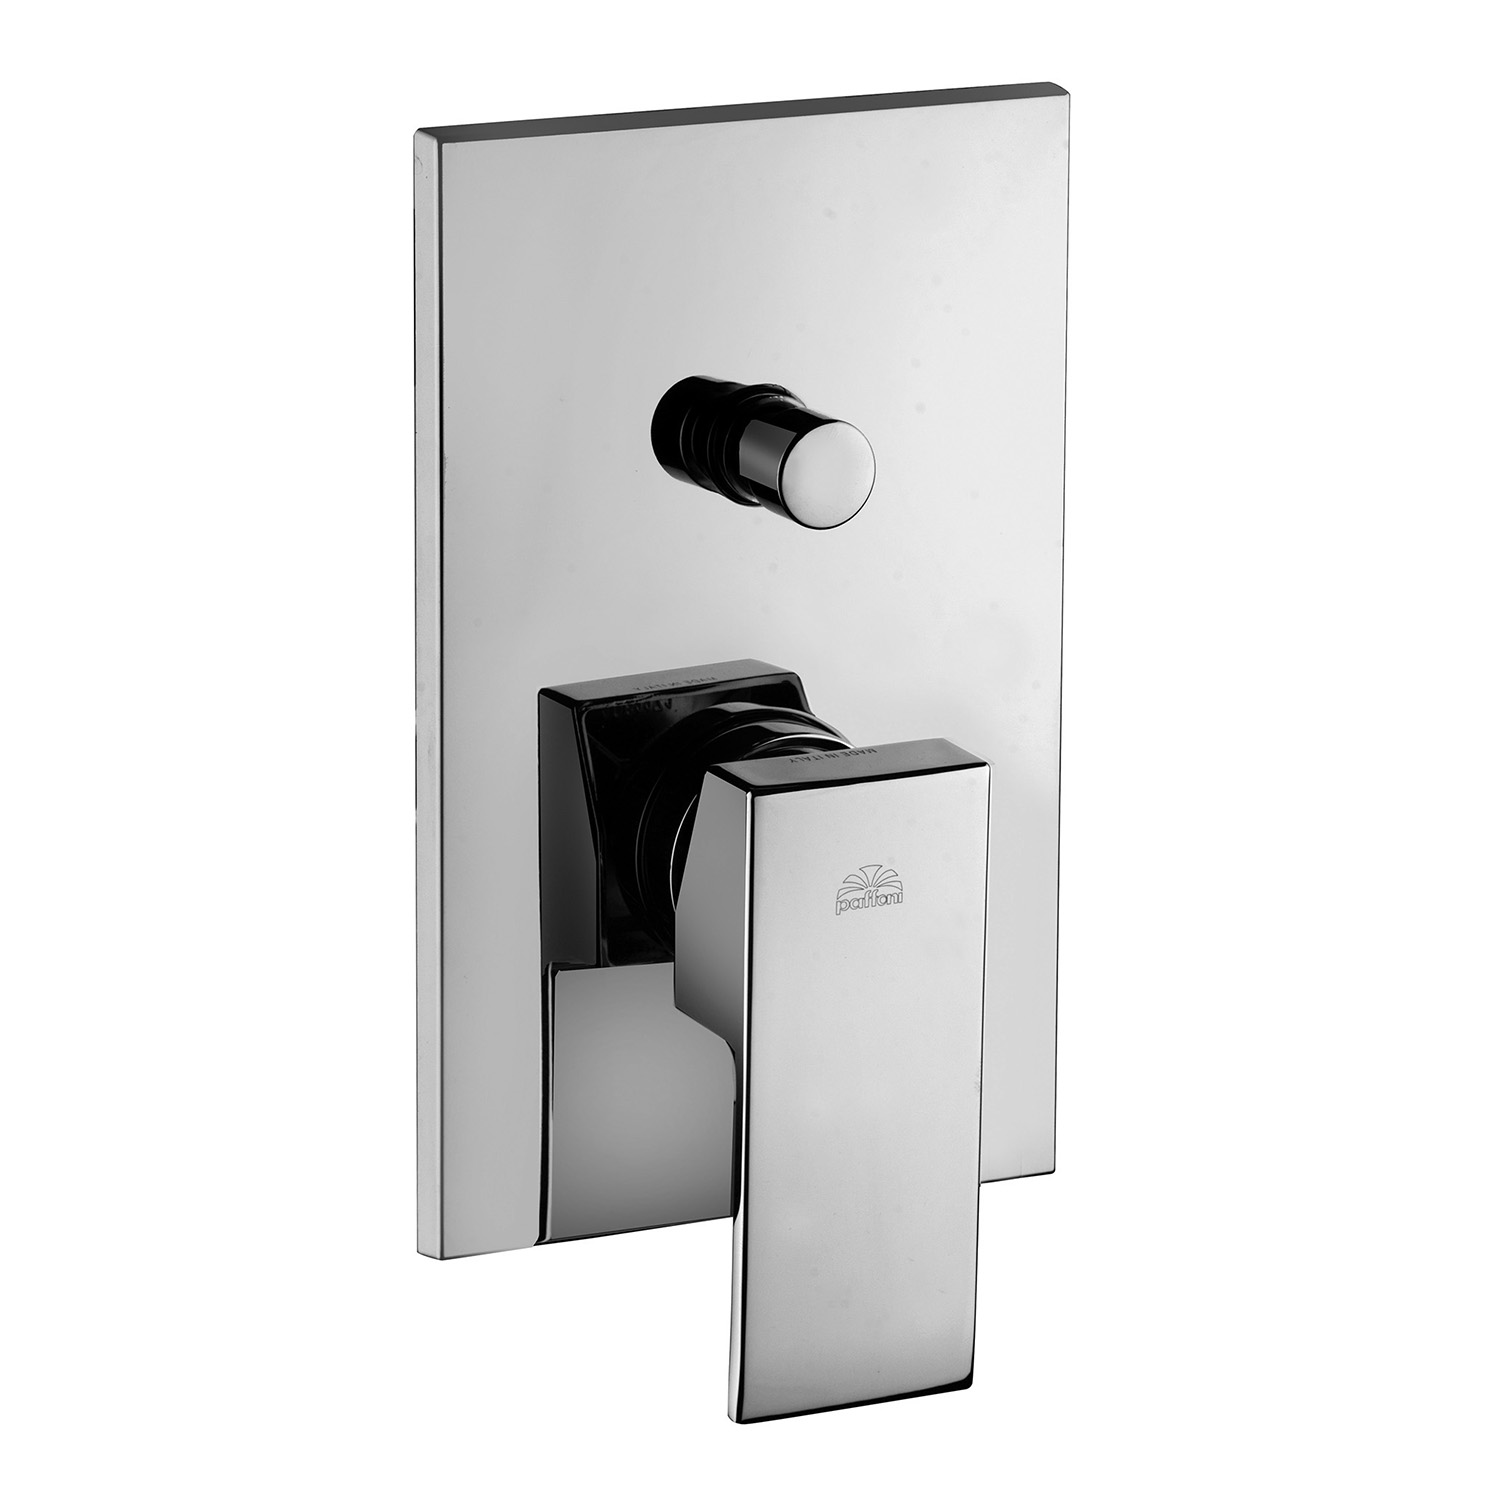 Змішувач для ванни / душа Paffoni Elle підходить для внутрішньої частини PBOX 001 ELBOX015CR